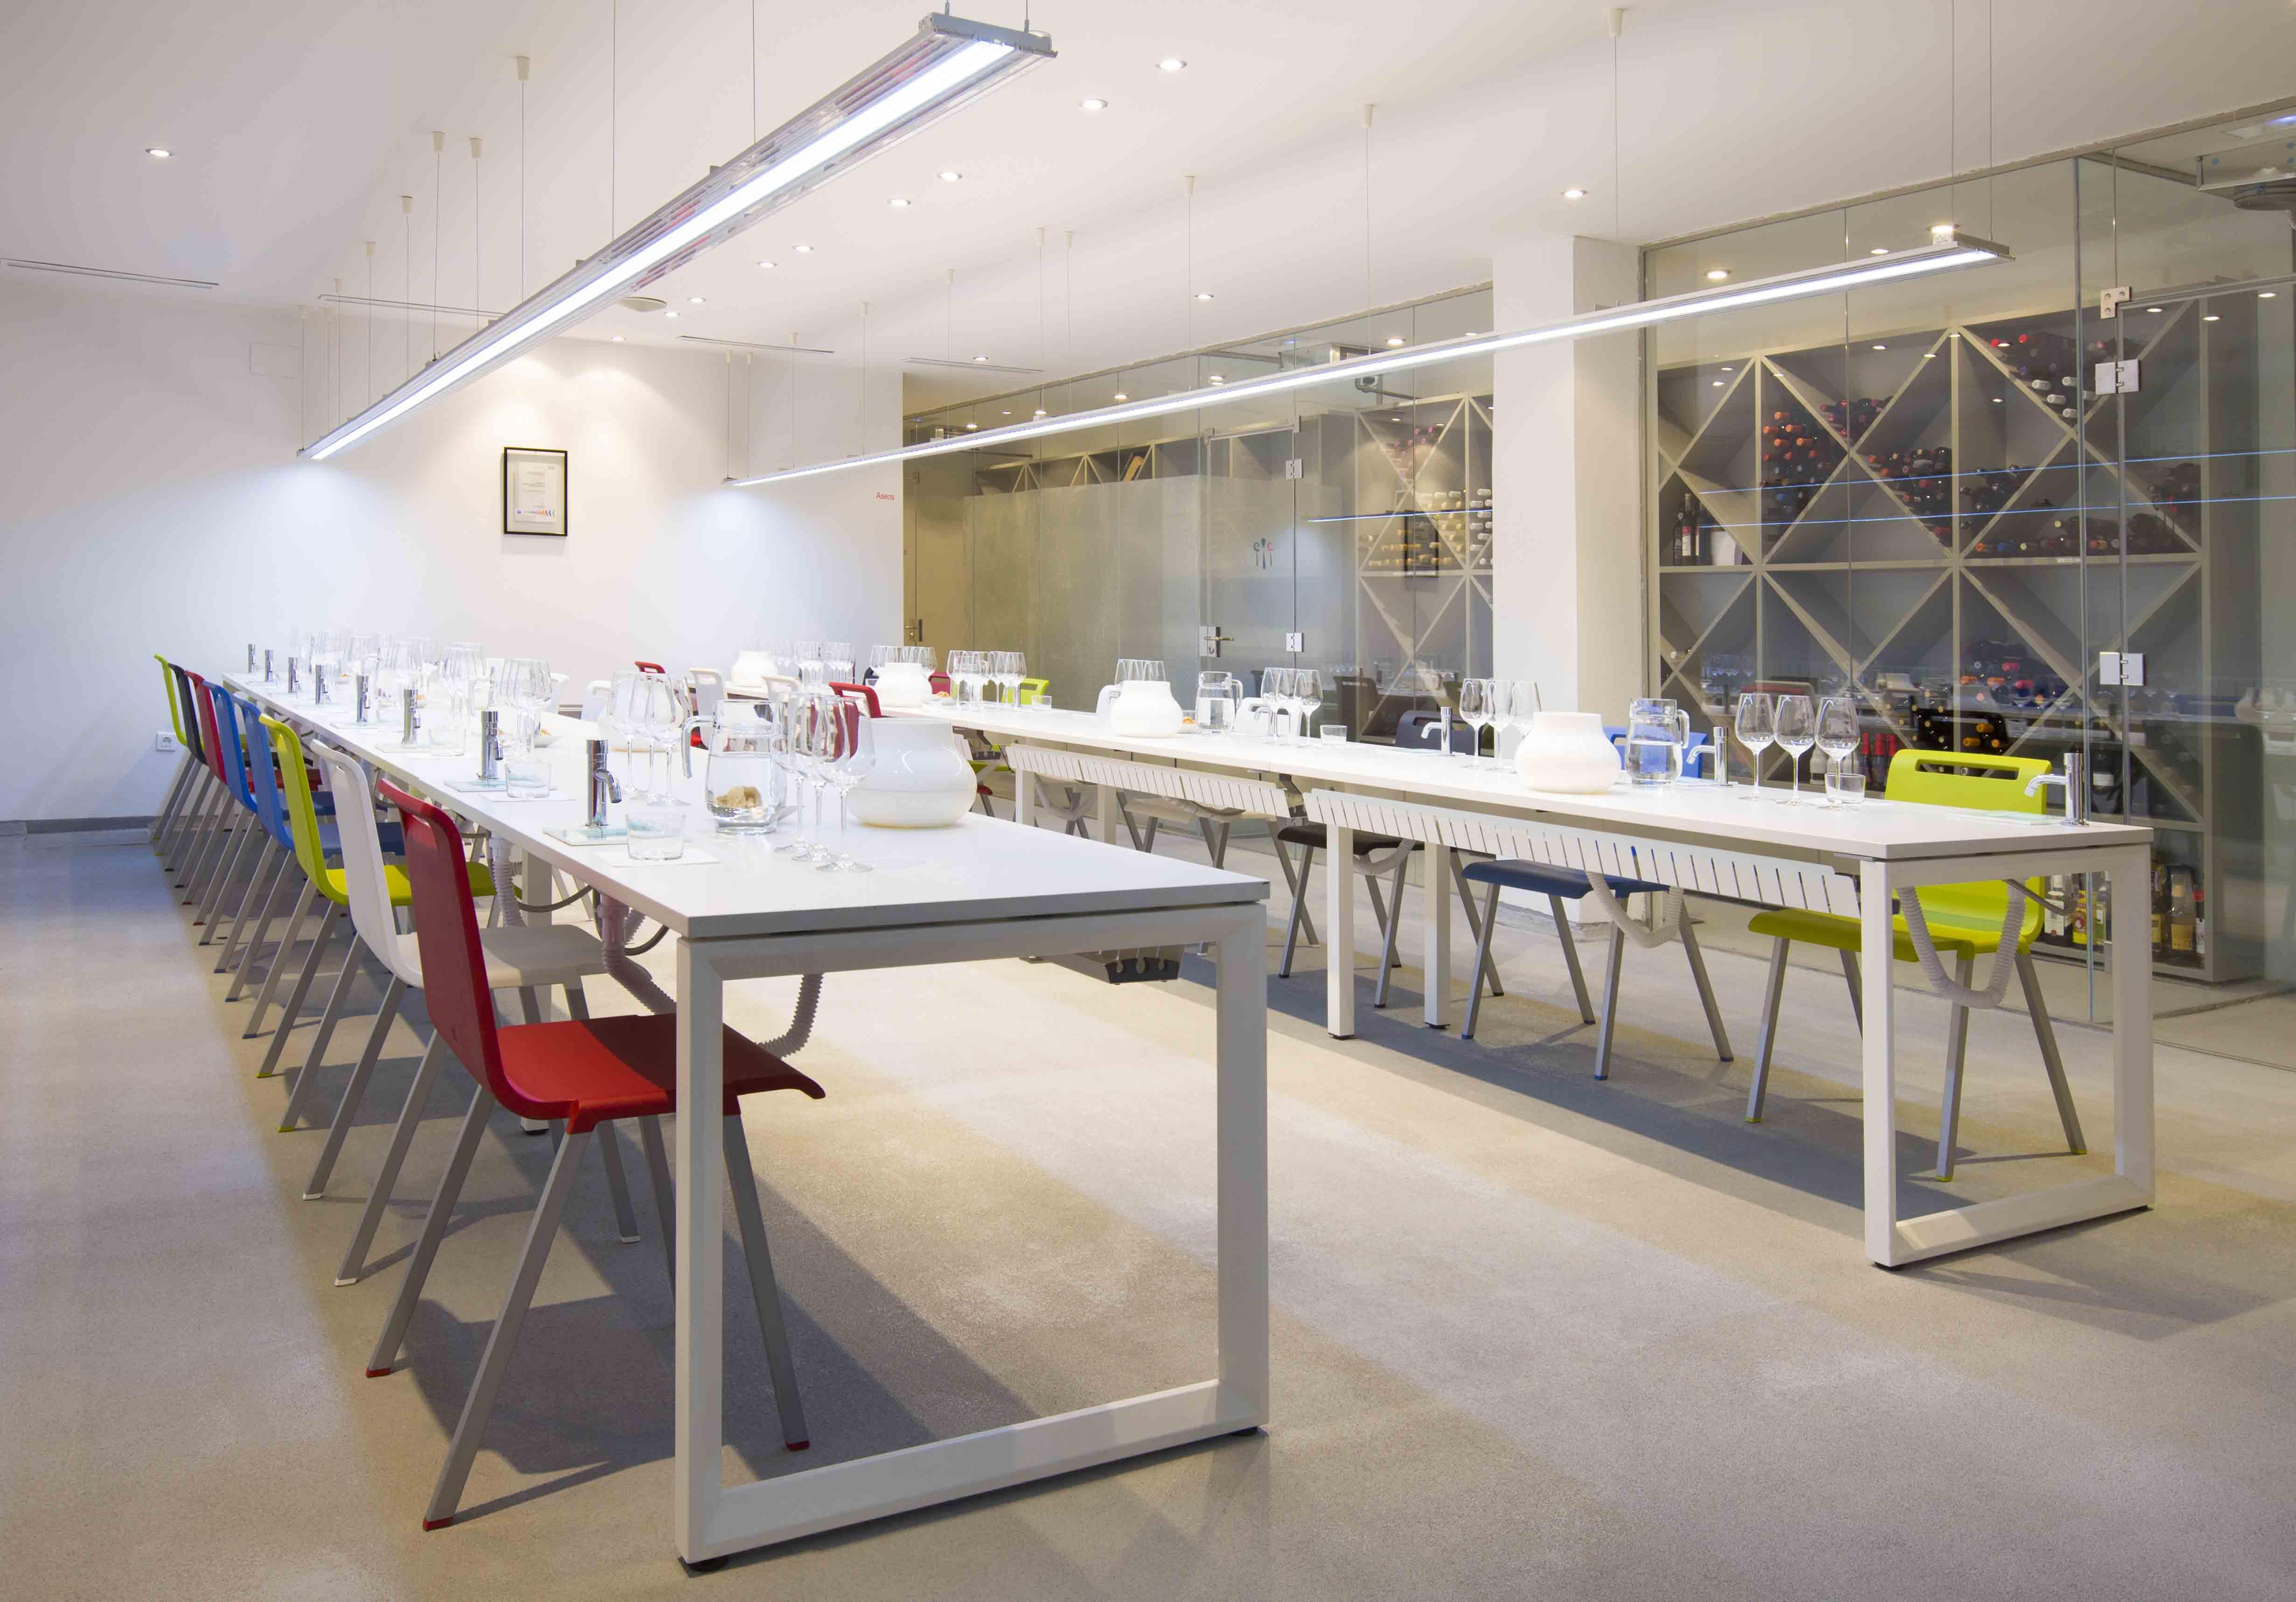 Equipamiento integral escuela cocina sala catas | Muebles de oficina Spacio